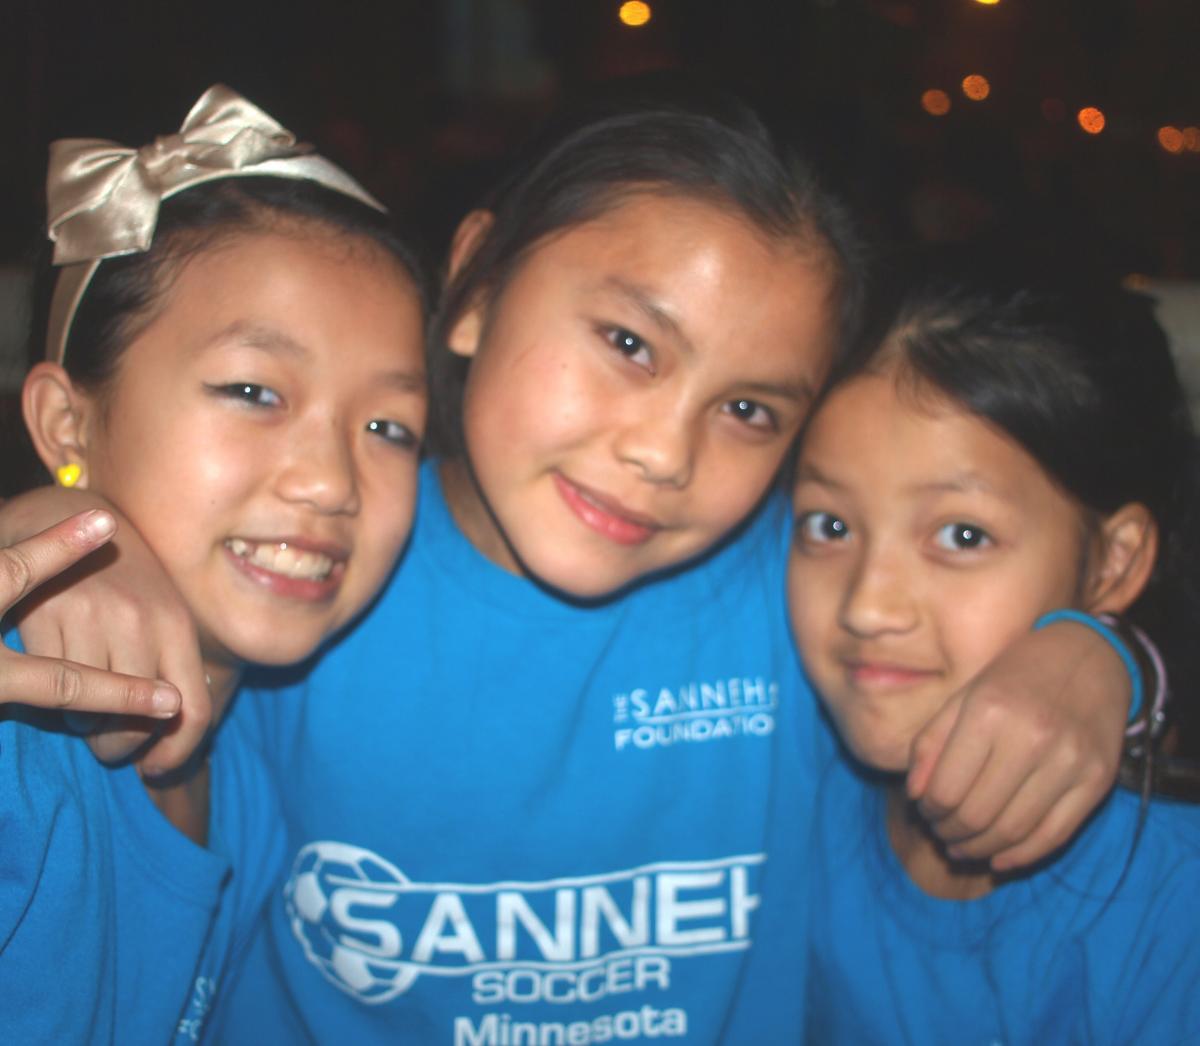 sanneh_soccer_girls